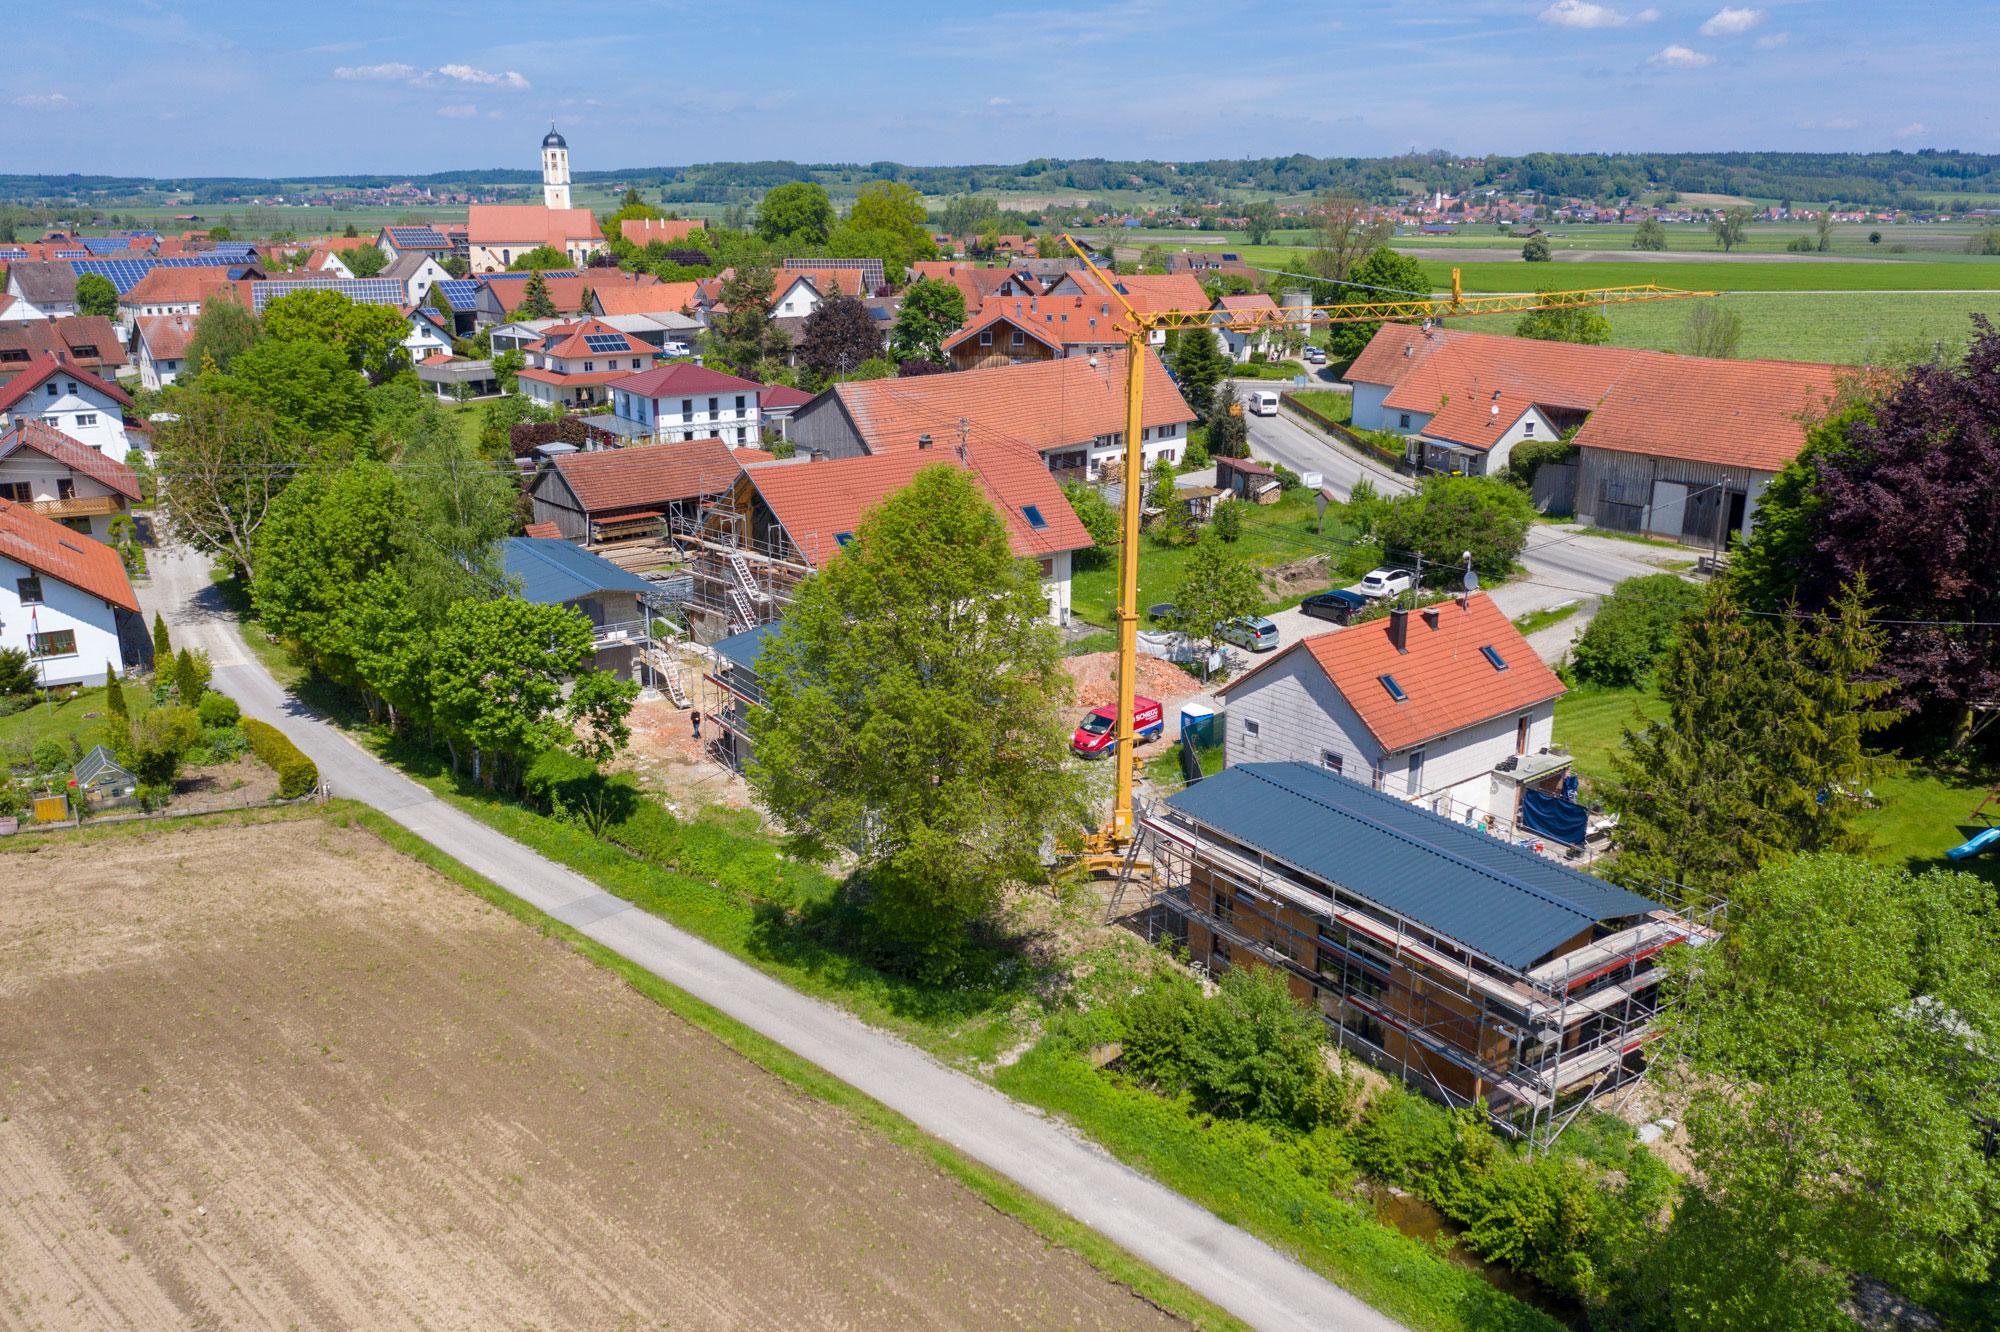 Umbau eines Bauernhofes_Luftbild2